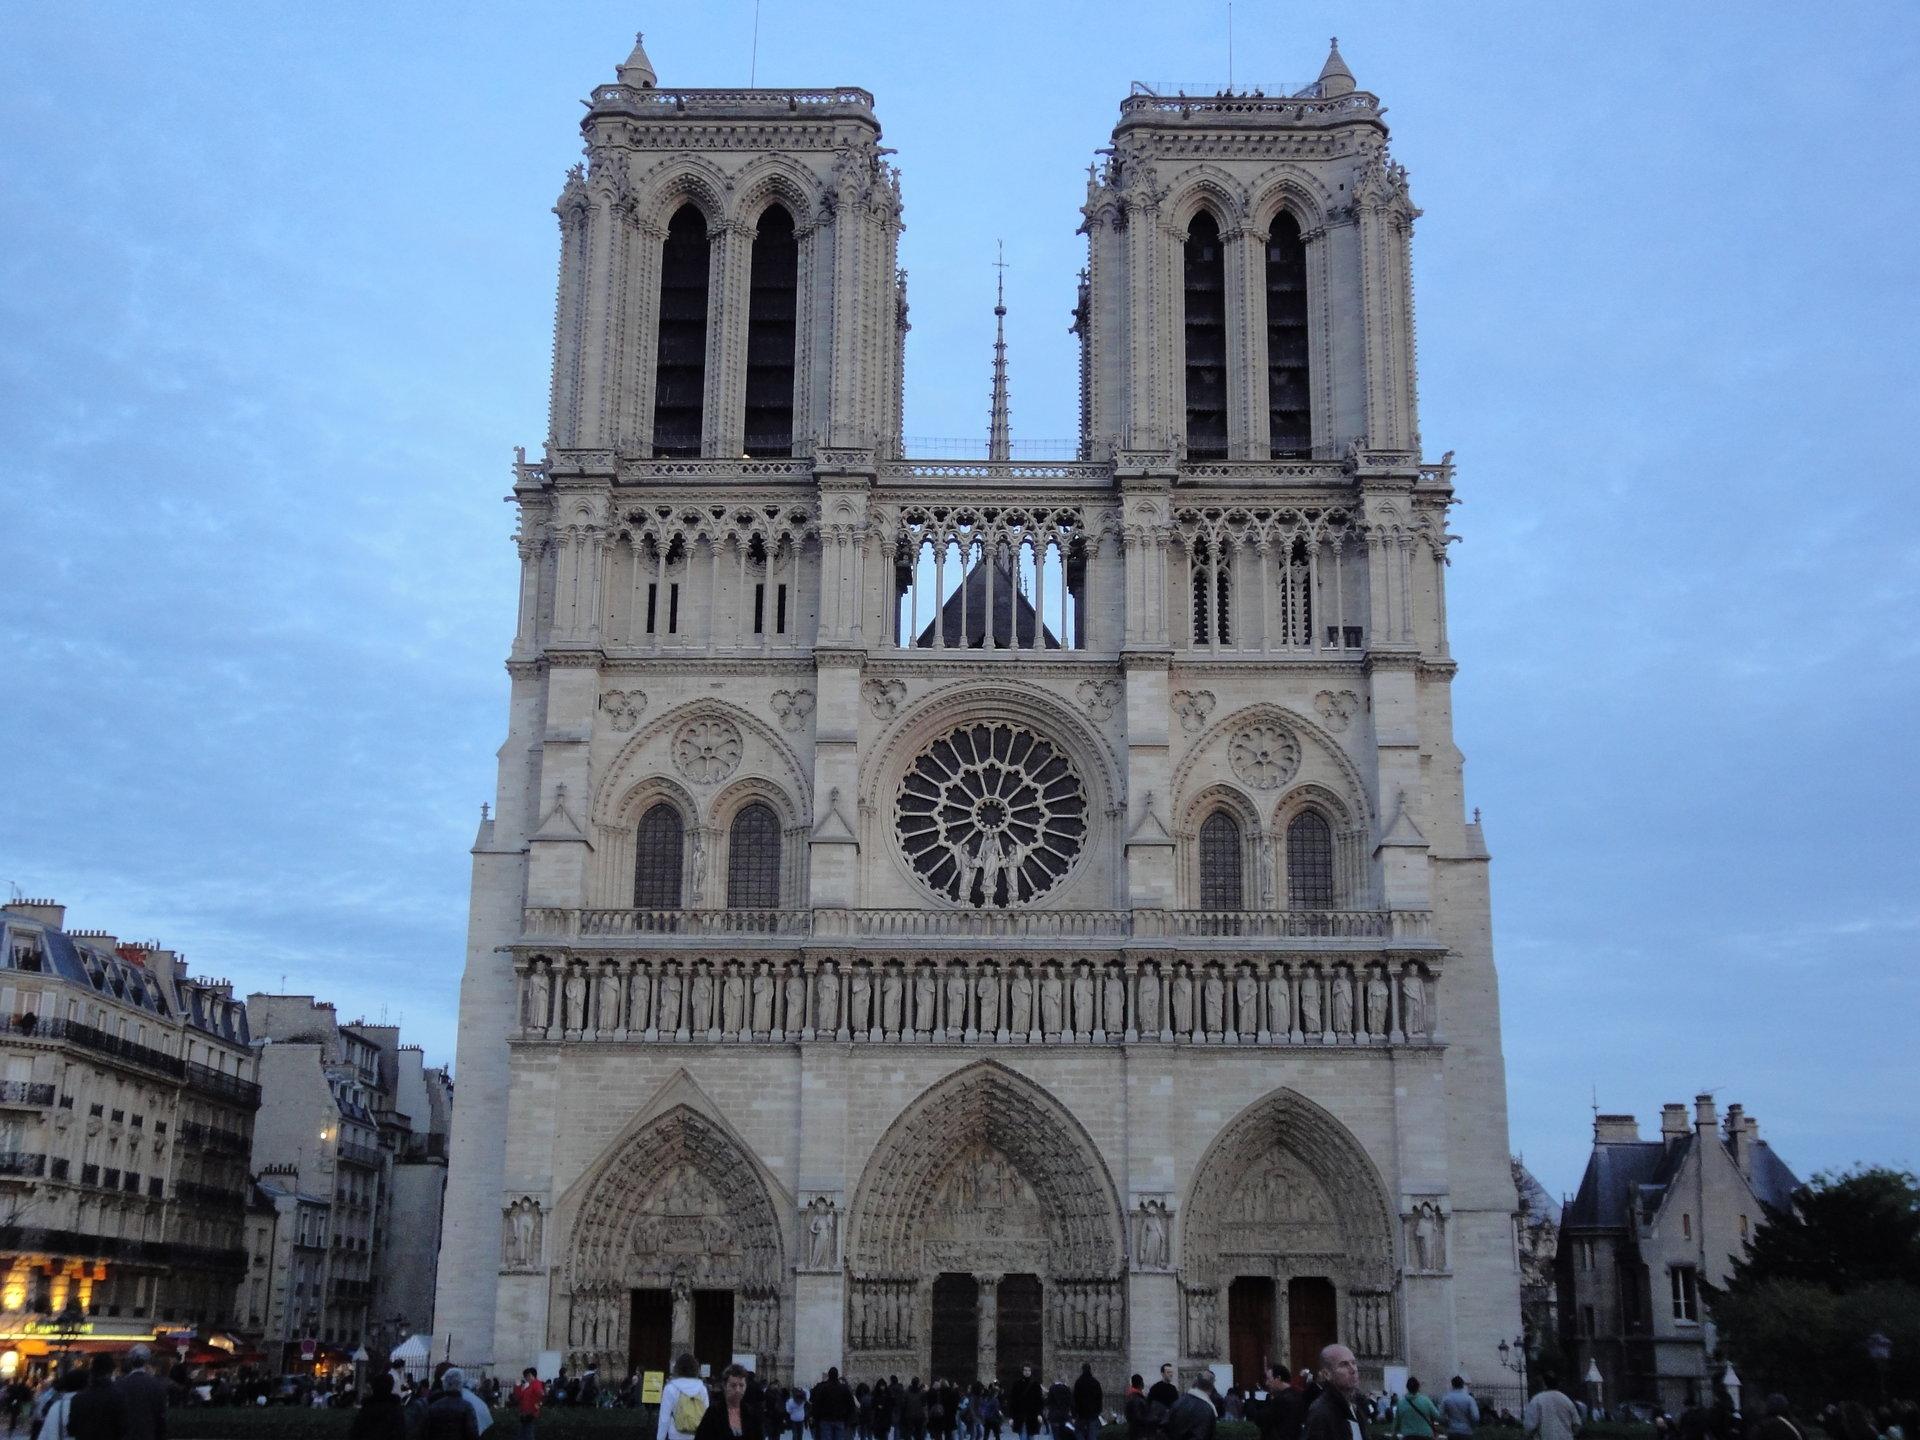 ノートルダム大聖堂 フランス に対する画像結果